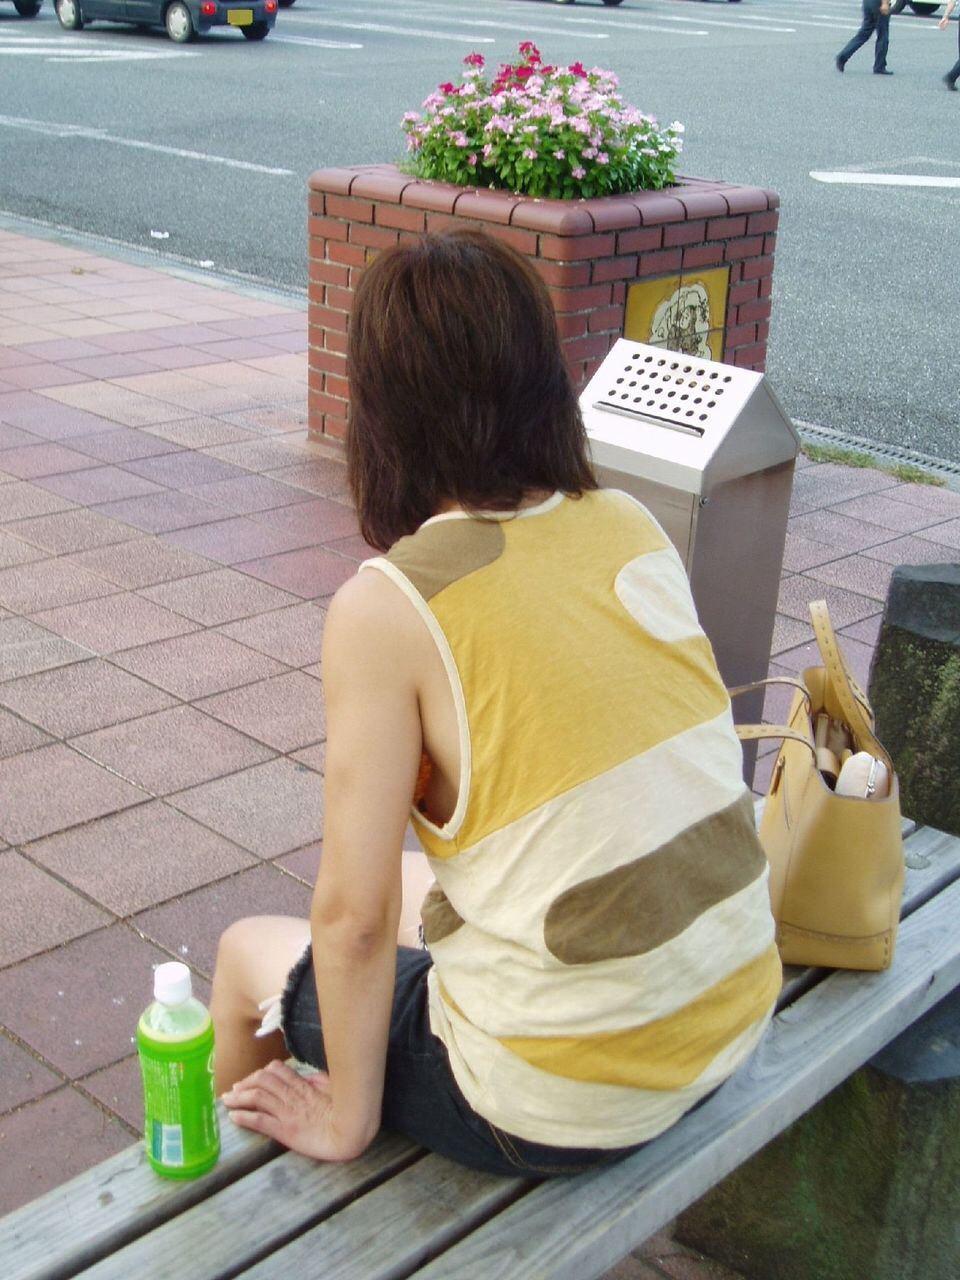 意外と見かける街中で横乳首見えてる素人女性!!!胸チラ街撮りゲットwwwww 1440